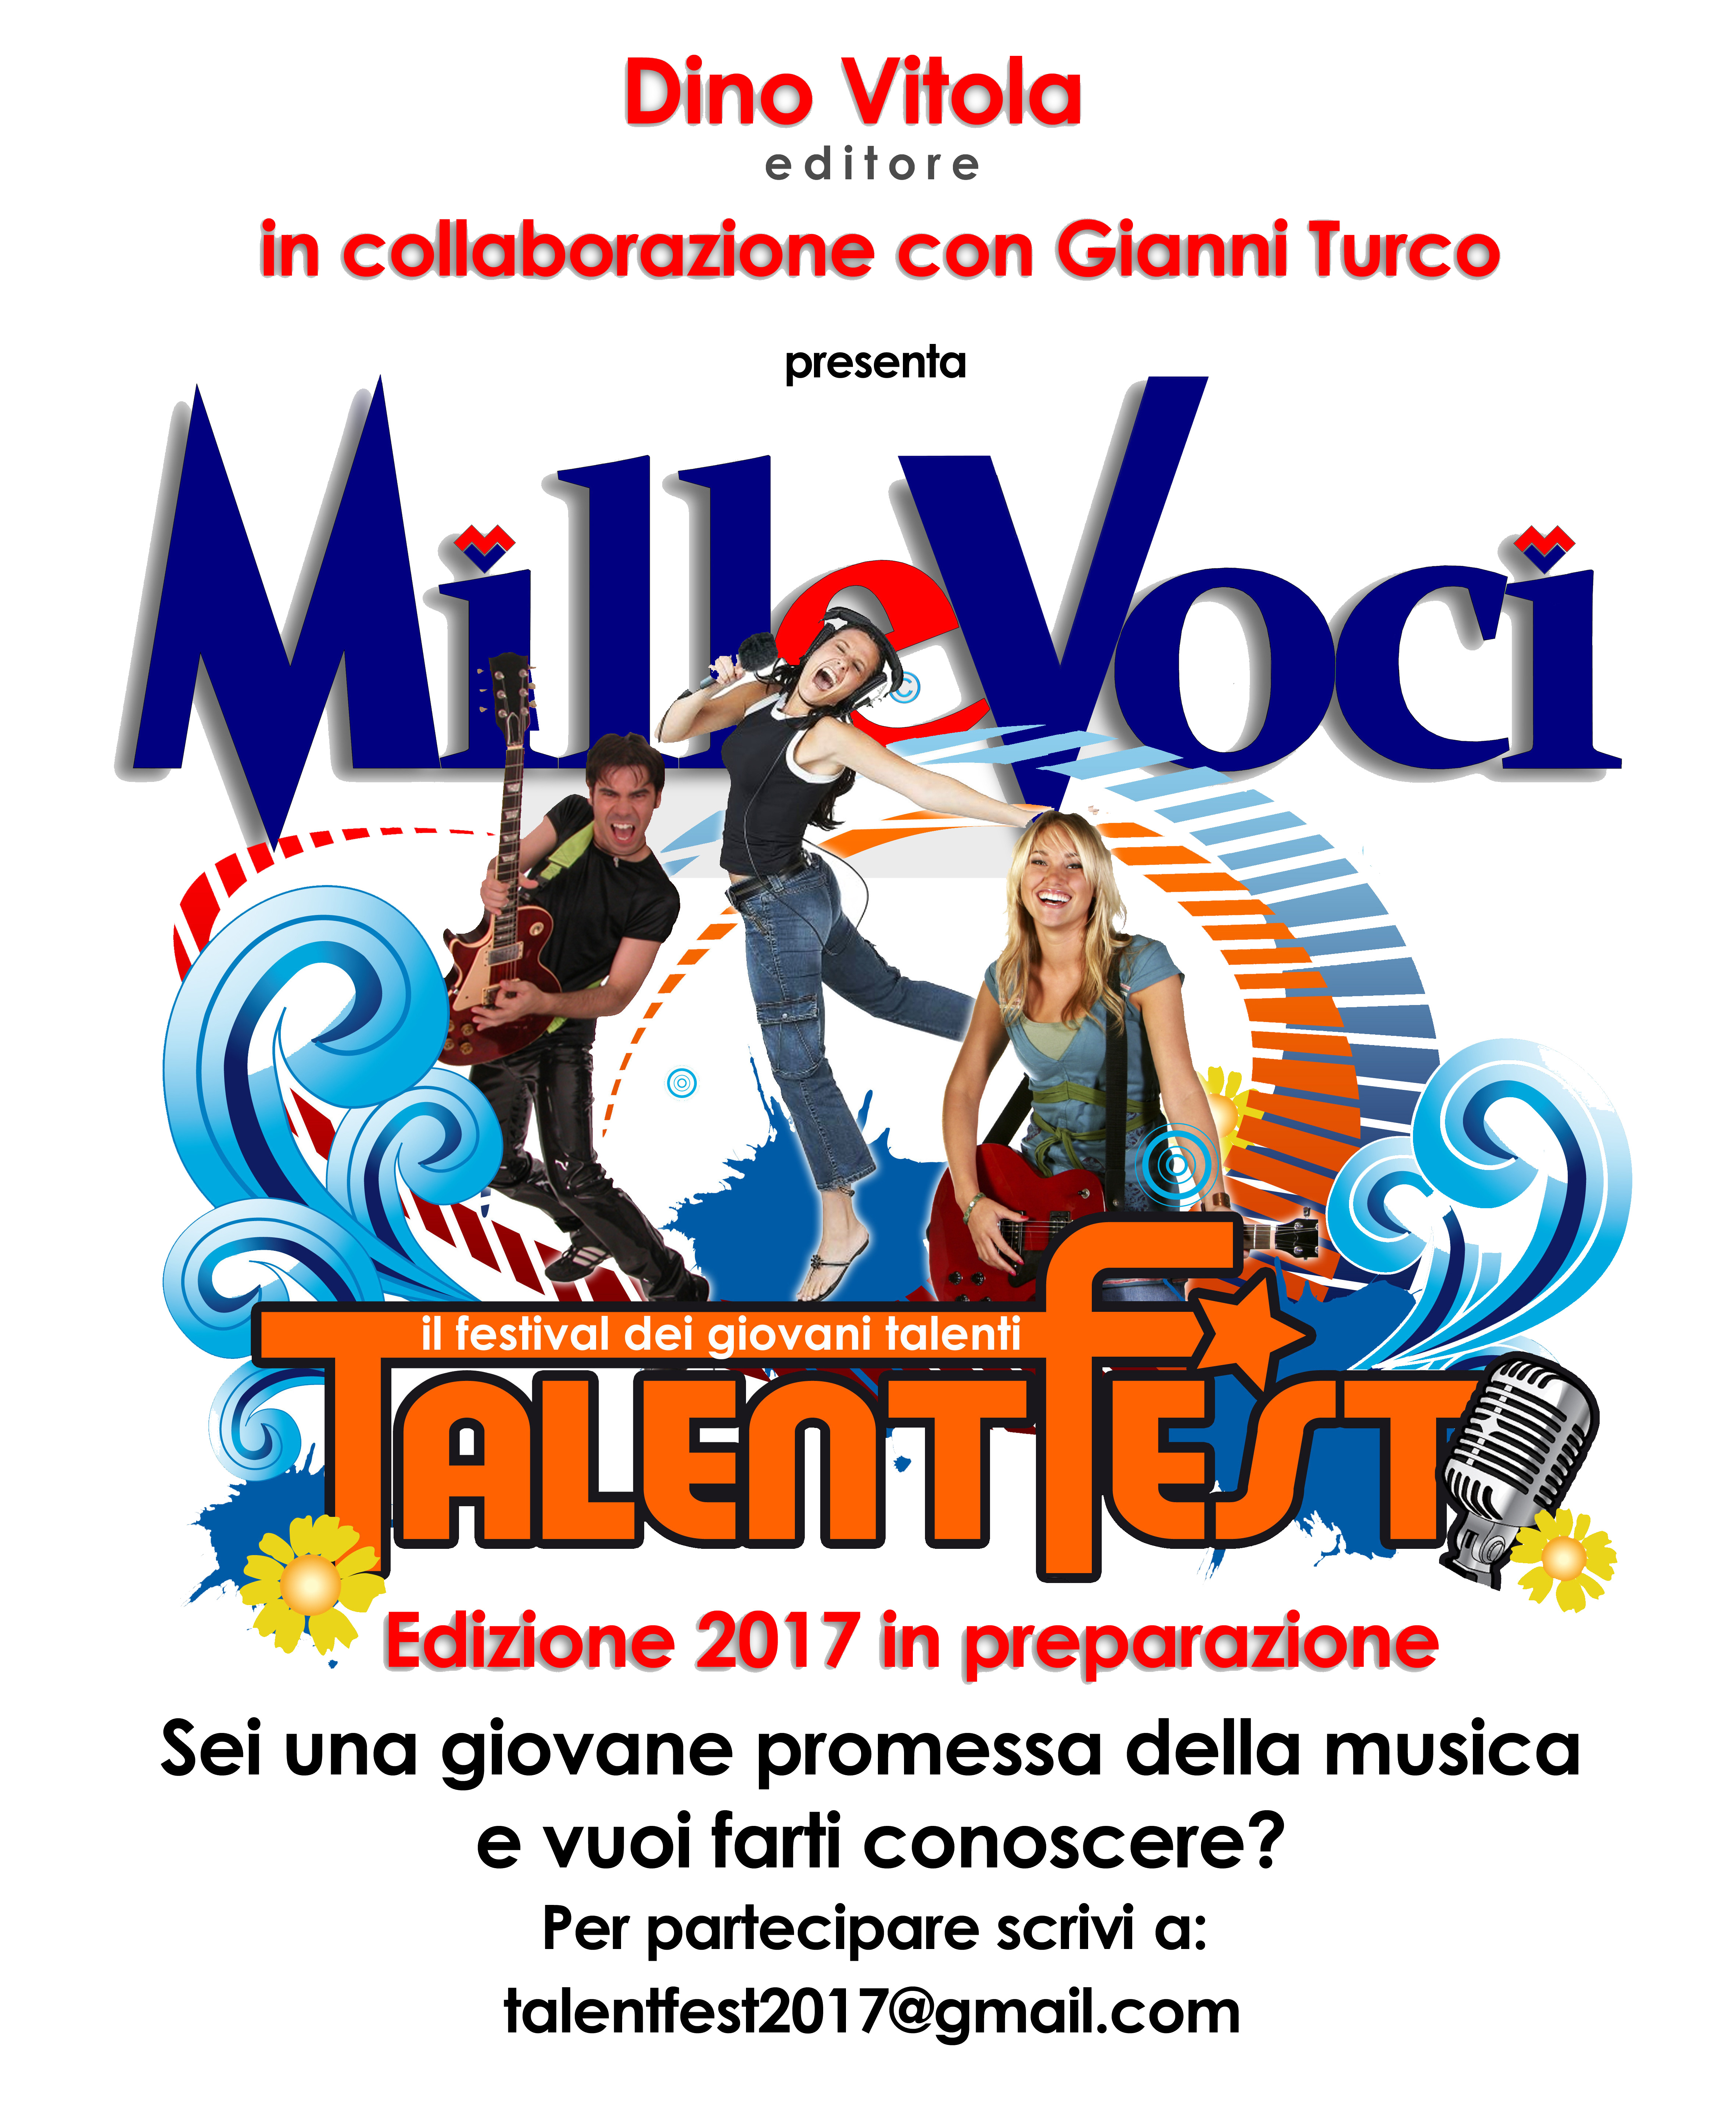 """""""TalentFest di Dino Vitola si ripete con """"MilleVoci""""di Gianni Turco, edizione 2017"""